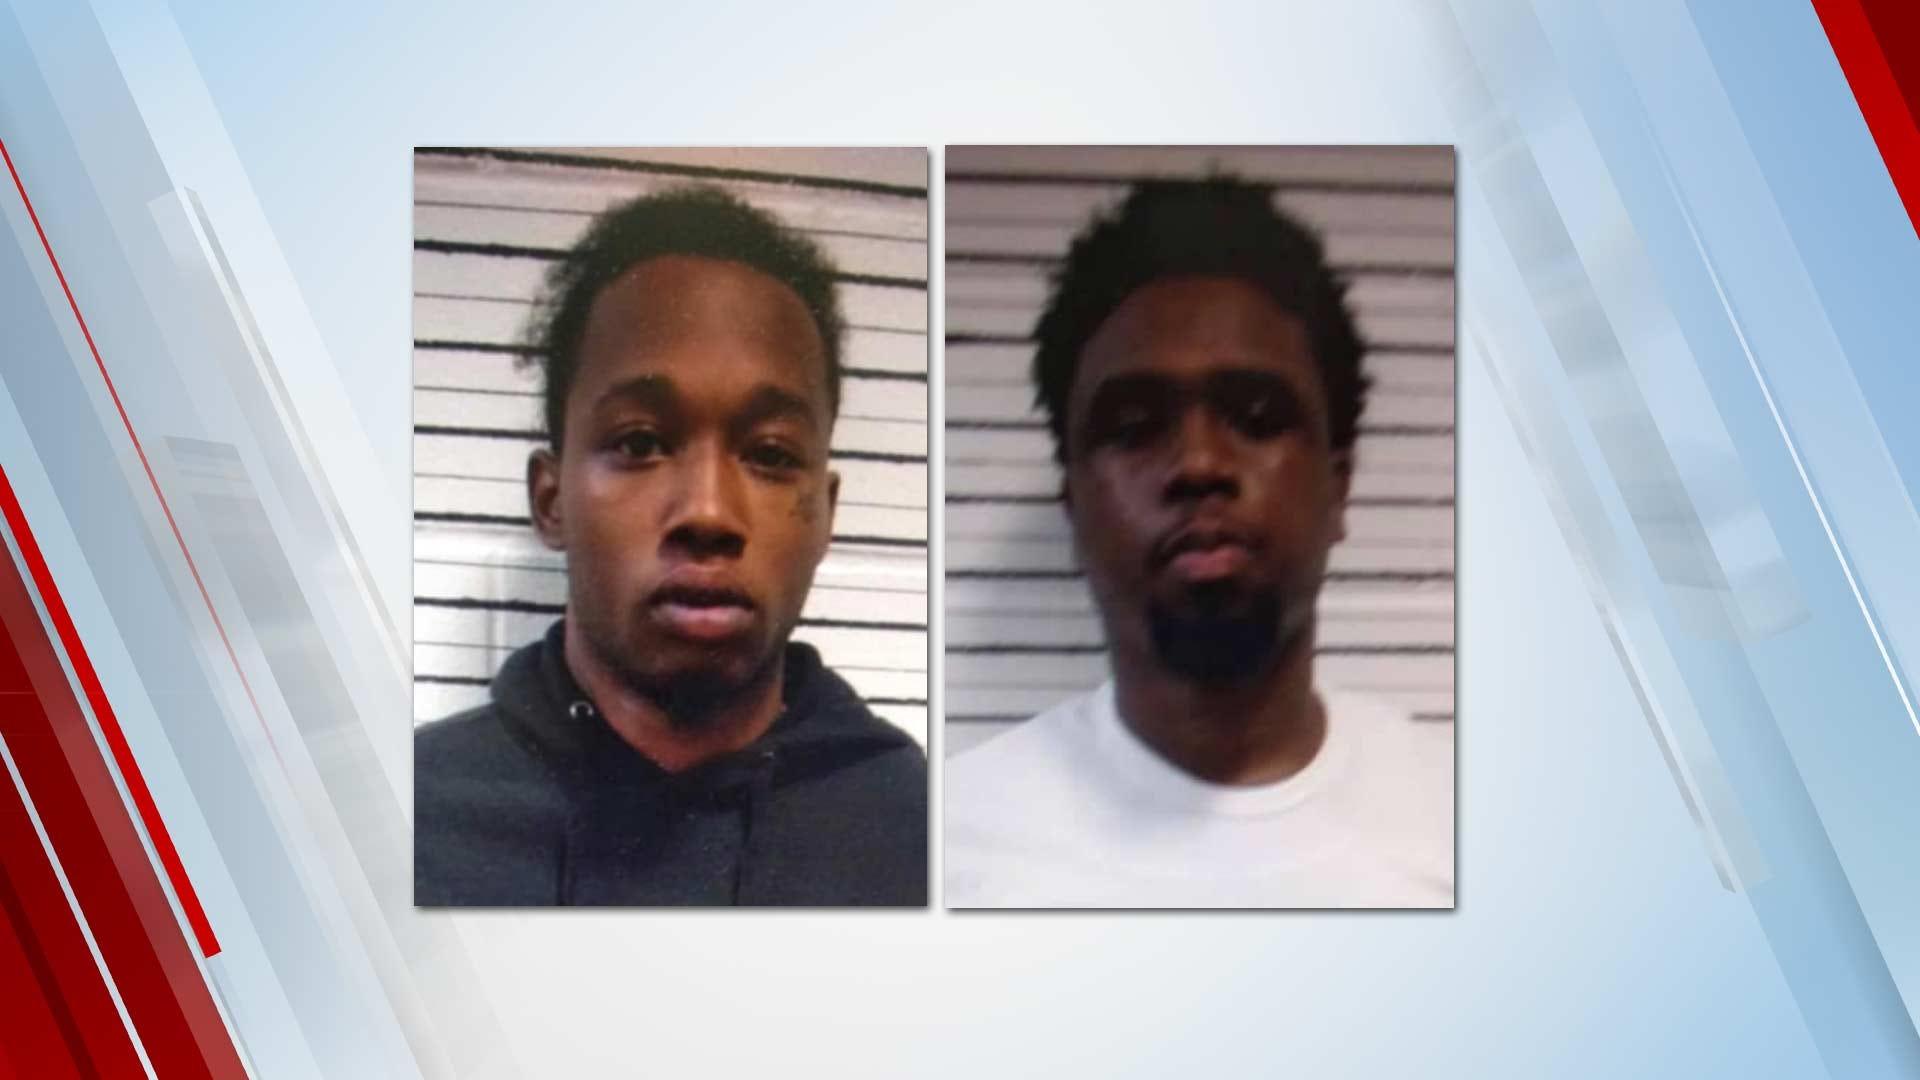 Haskell County Deputies Arrest Men Suspected In Credit Card Fraud Scheme